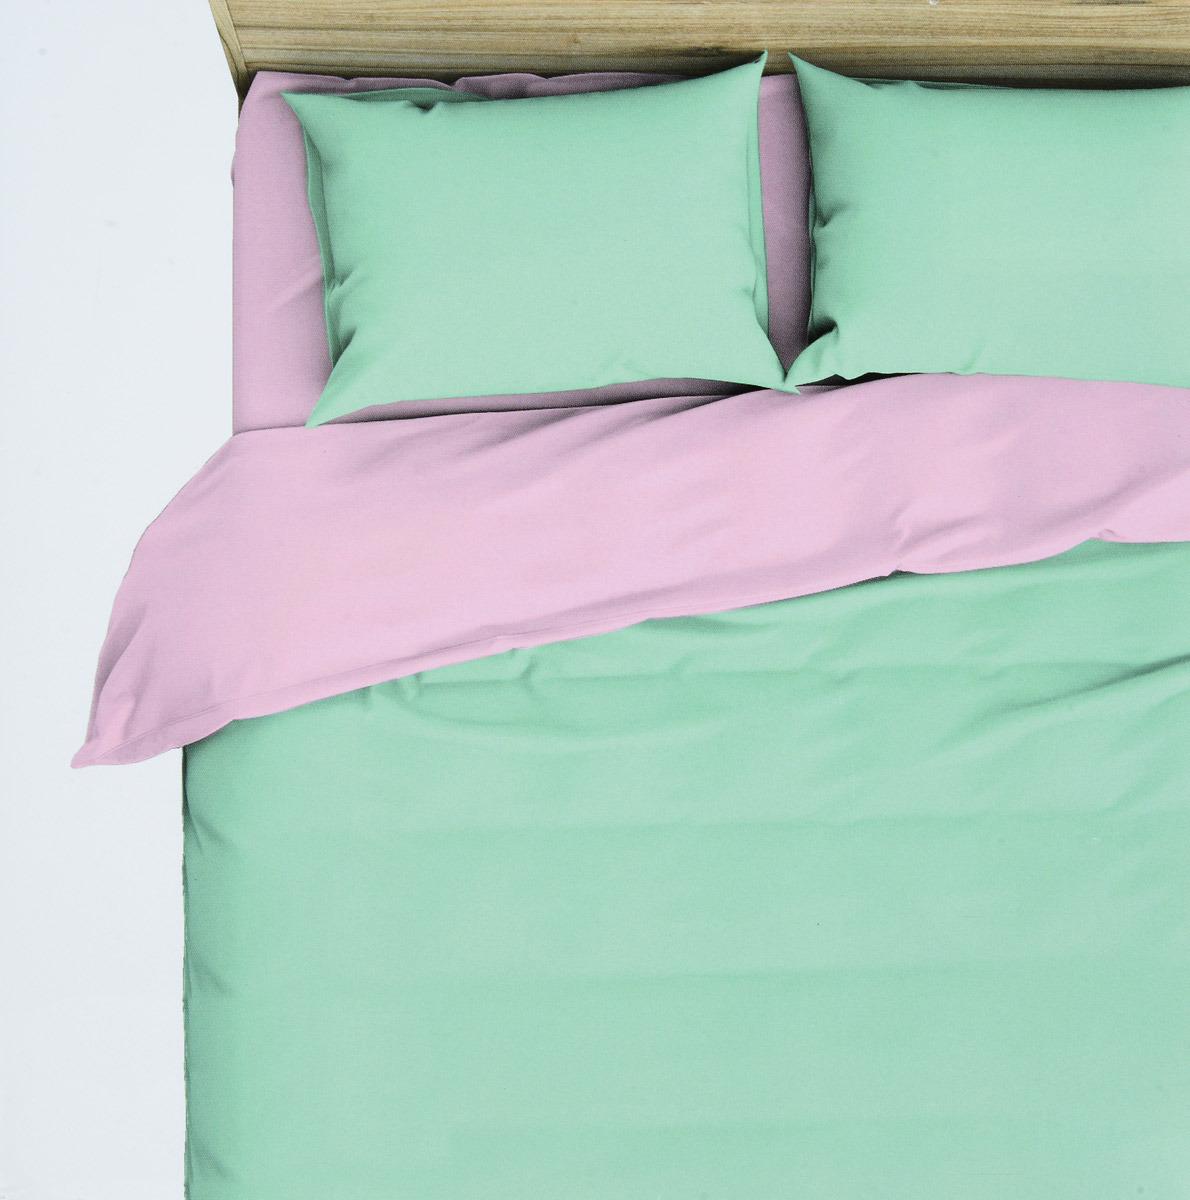 Комплект белья Василиса Мятная дымка, 1,5-спальный, наволочки 70x70, цвет: зеленый, розовый. 363 комплект белья василиса мятная дымка 1 5 спальный наволочки 70x70 цвет зеленый розовый 363